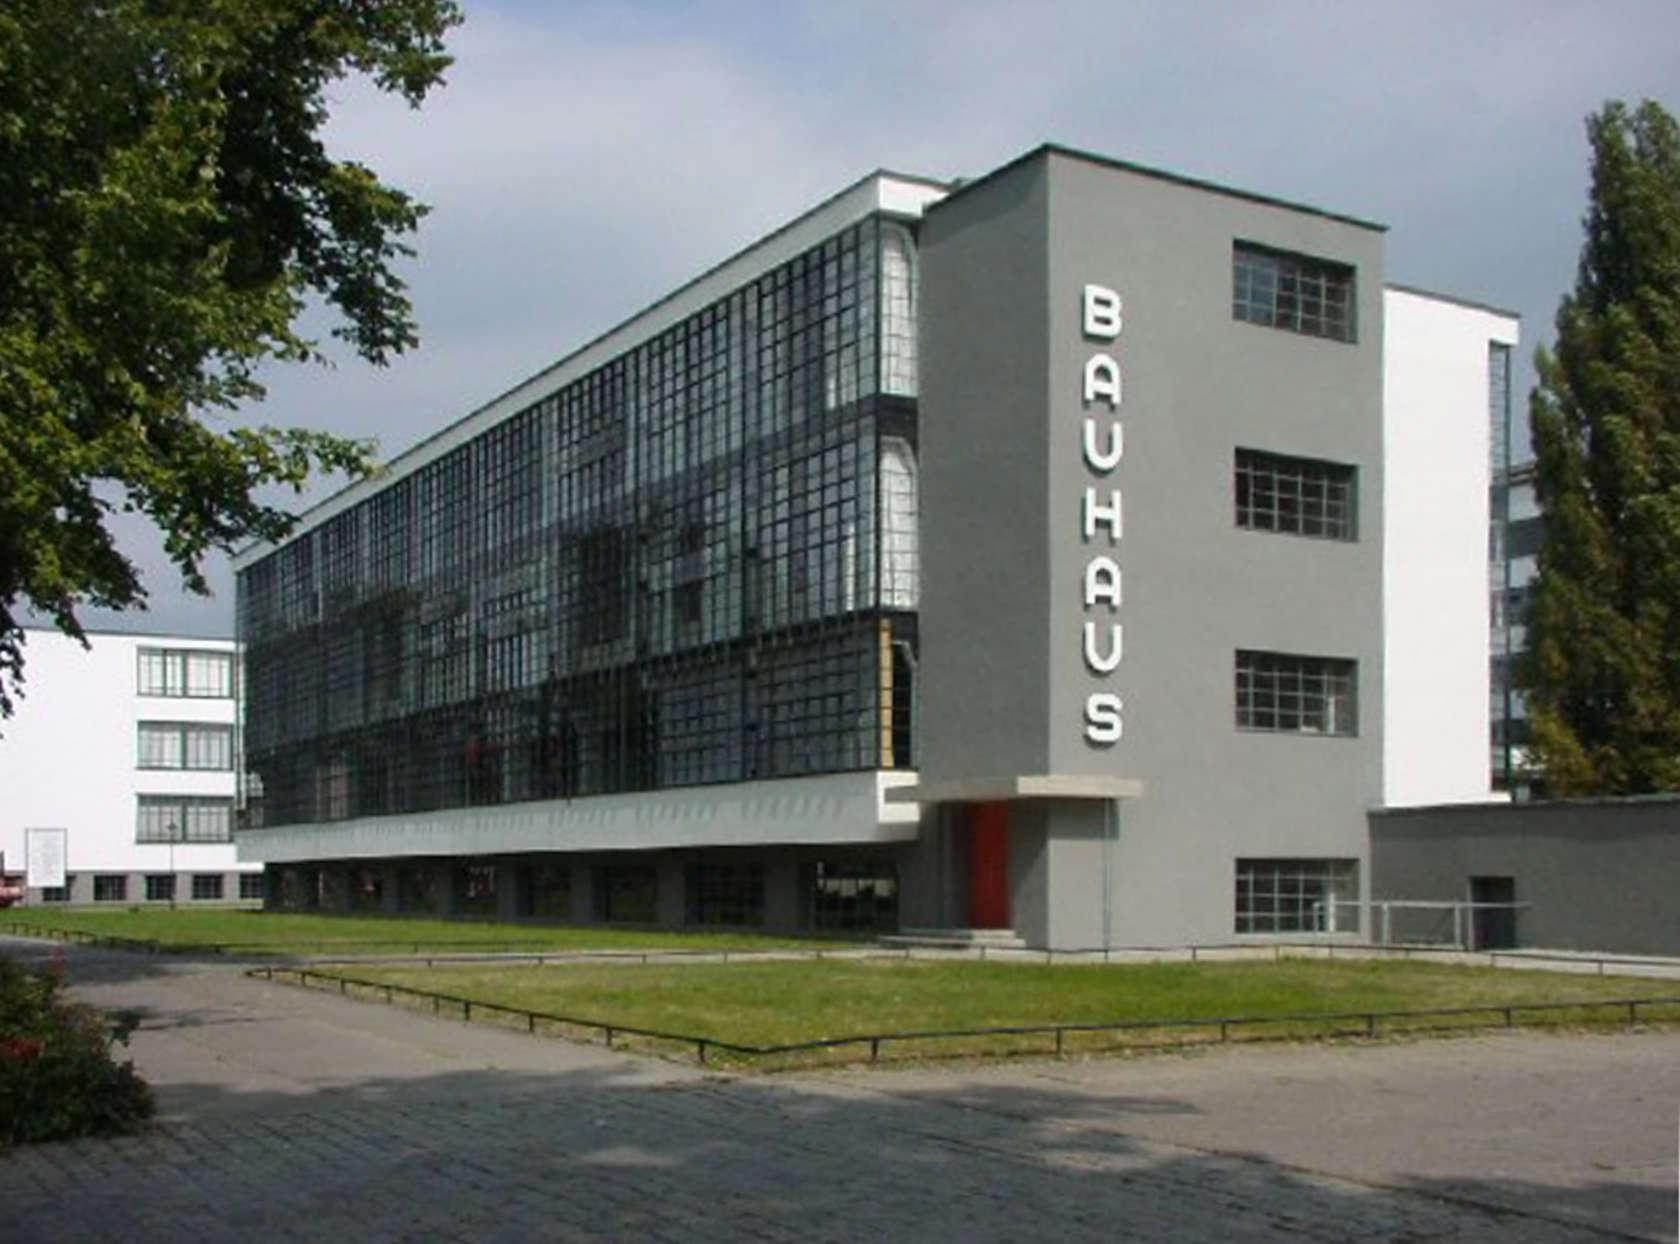 باوهاوس یک مدرسهی هنر و معماری بود که در دورهی ویمار آلمان مانند اتاق فکر زیباییشناسی مدرن فعالیت میکرد. لارنسیس ادعا کرد که با استفاده از نظریههای توسعهیافته این موسسه سلولهای زندان را طراحی کرده است. تصویر: ویکیپدیا